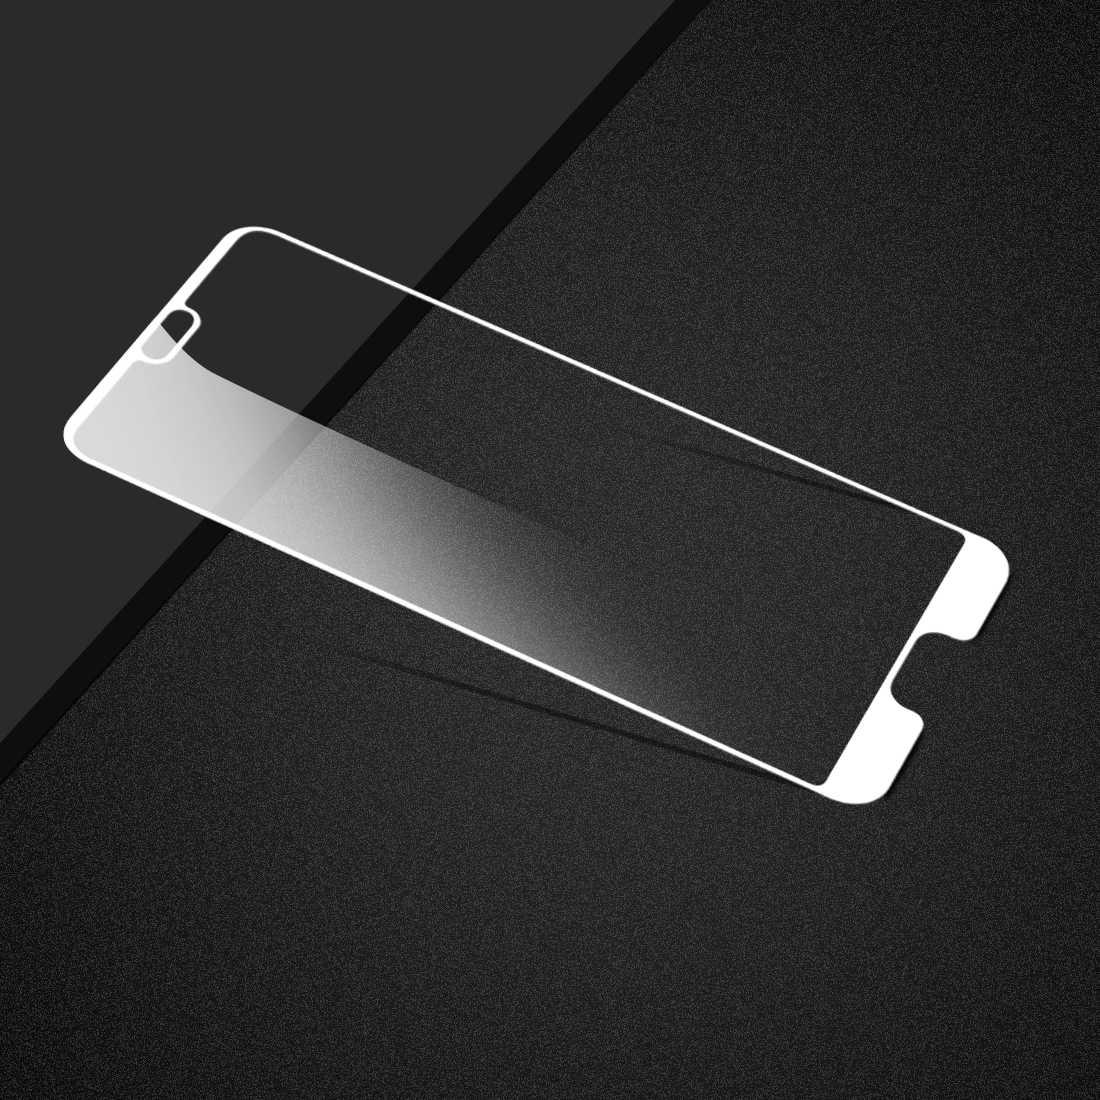 9D Film Anti Gores untuk HUAWEI Mate 10 P20 Pro P20 Lite 2019 untuk Huawei P20 Mate 10 LITE Penuh cover Pelindung Layar